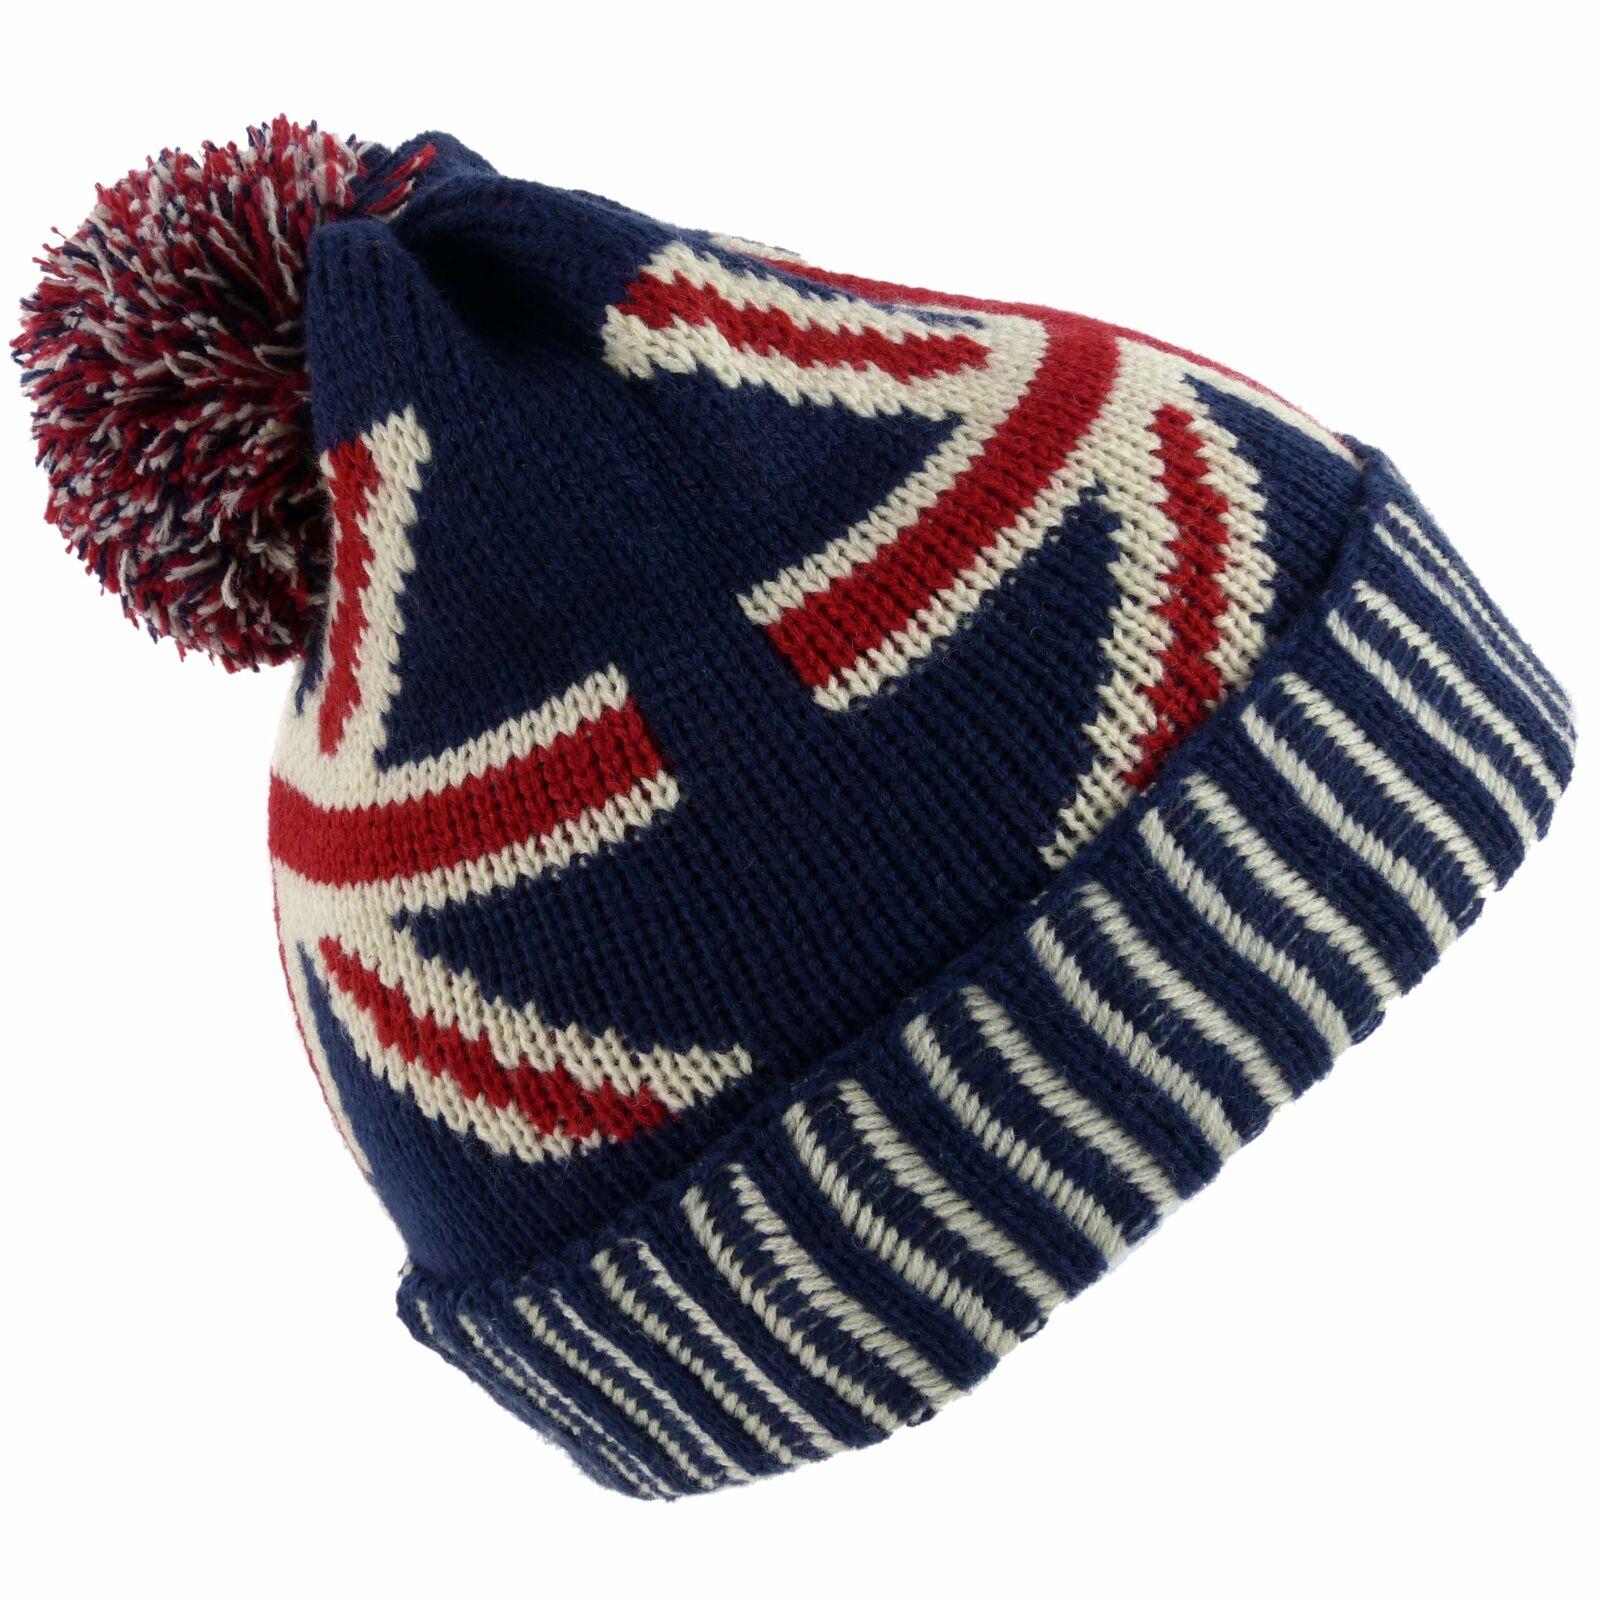 Herren Unisex UK Pullover Union Jack Pudelmütze One Größe Rot Weiß Blau London